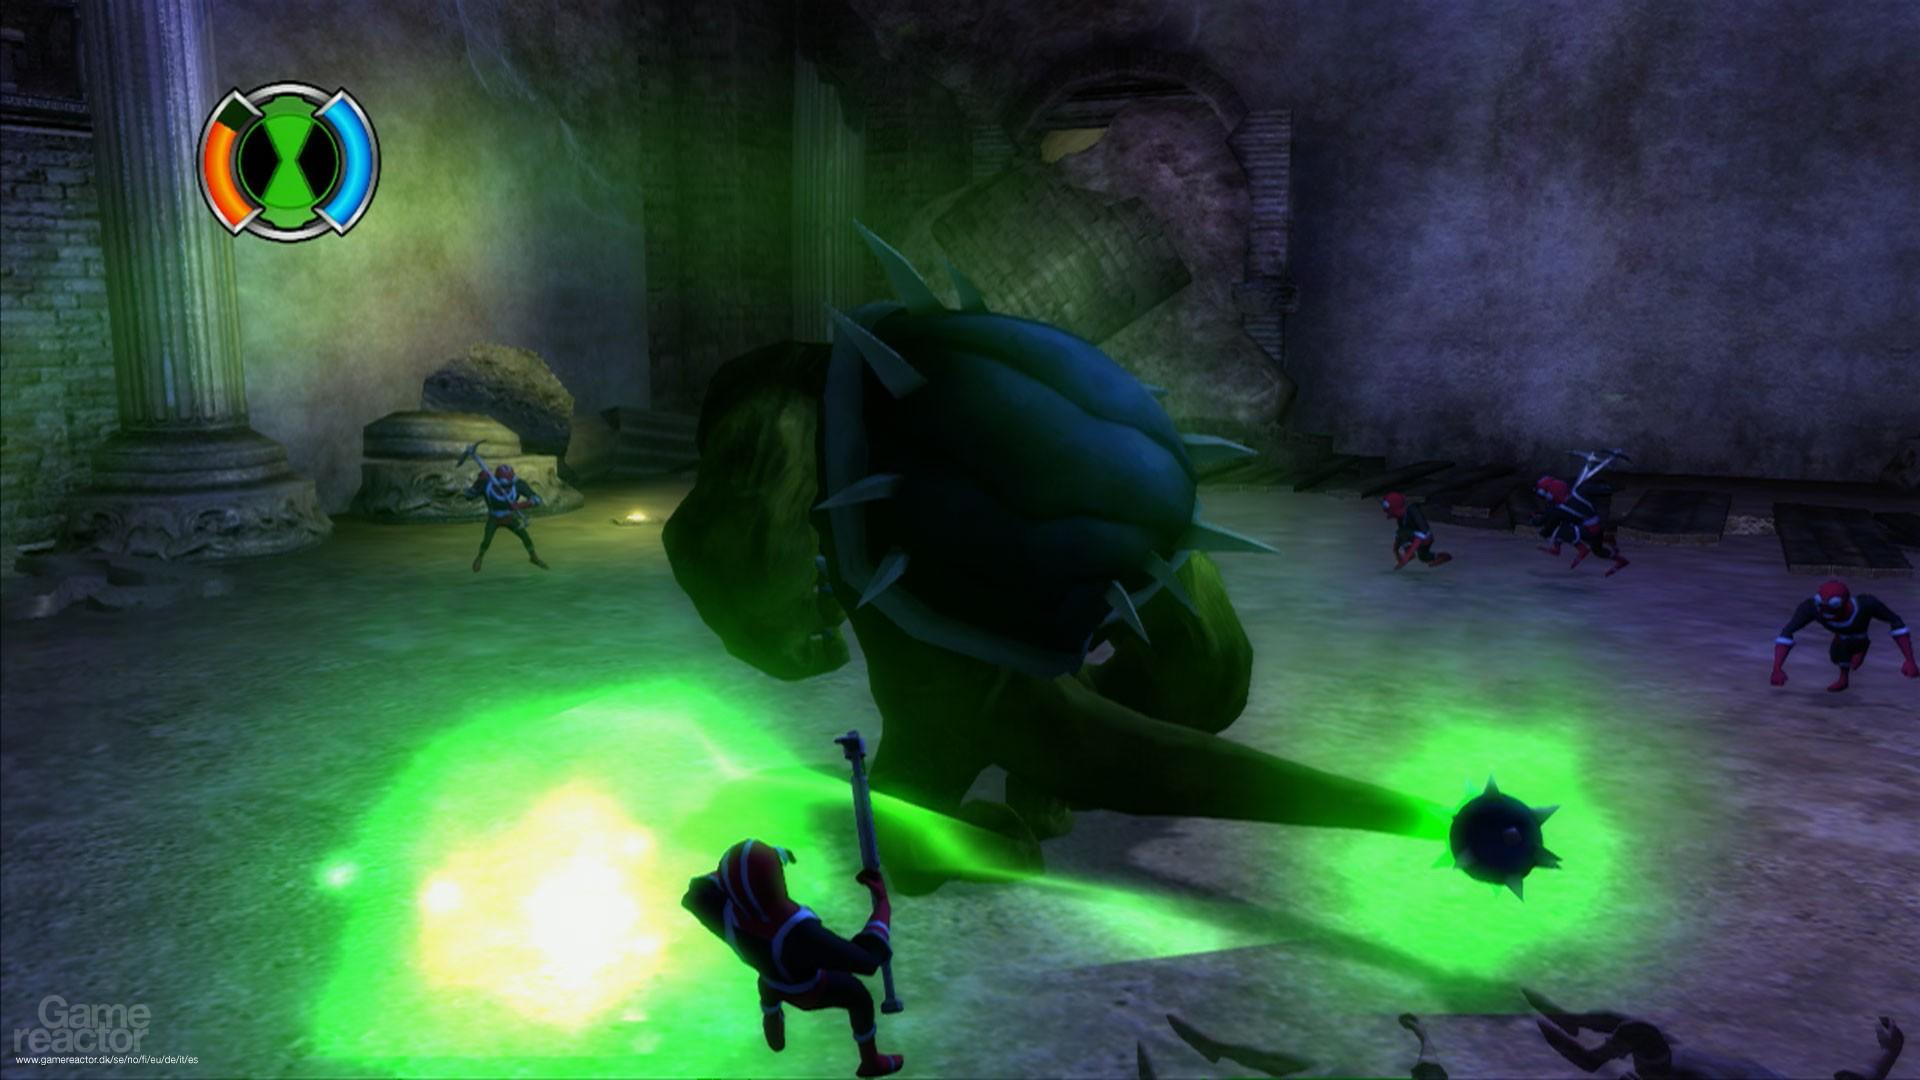 Pictures of Ben 10 Ultimate Alien: Cosmic Destruction 13/18